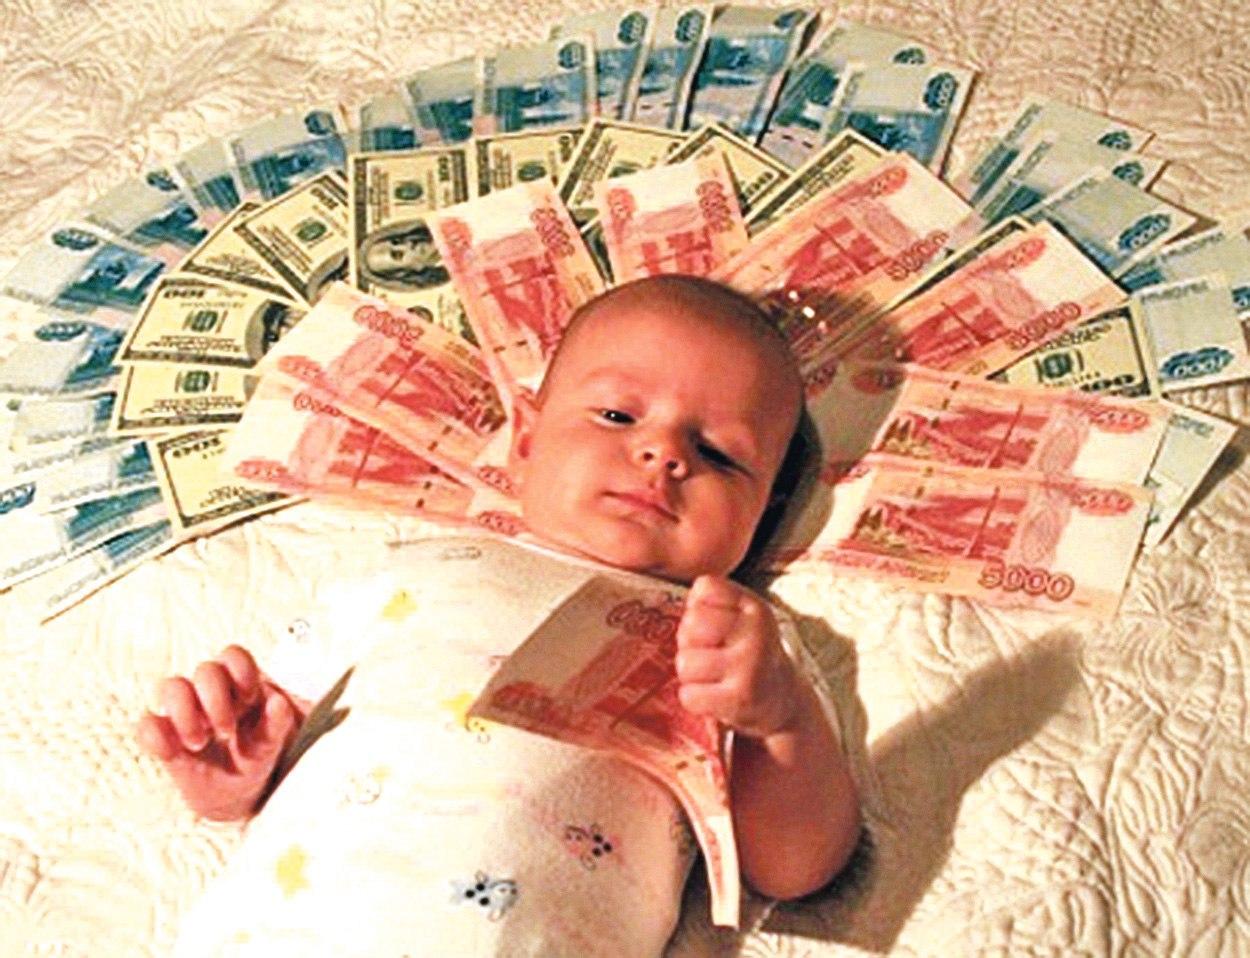 Максимальный процент удержания алиментов из заработной платы, максимальный размер алиментов на одного ребенка